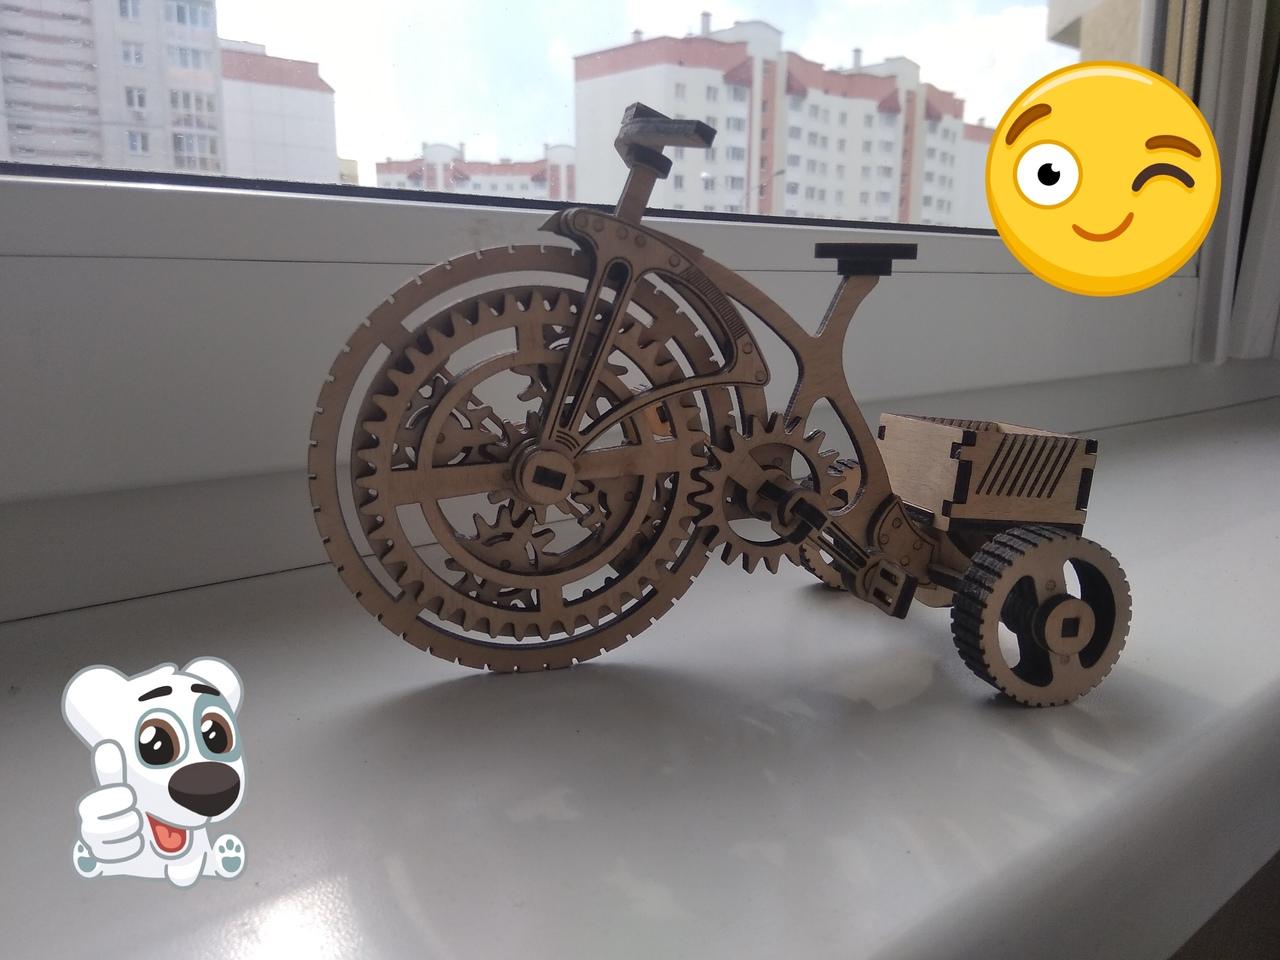 Cnc Laser Cut Design Bicycle Free CDR Vectors Art